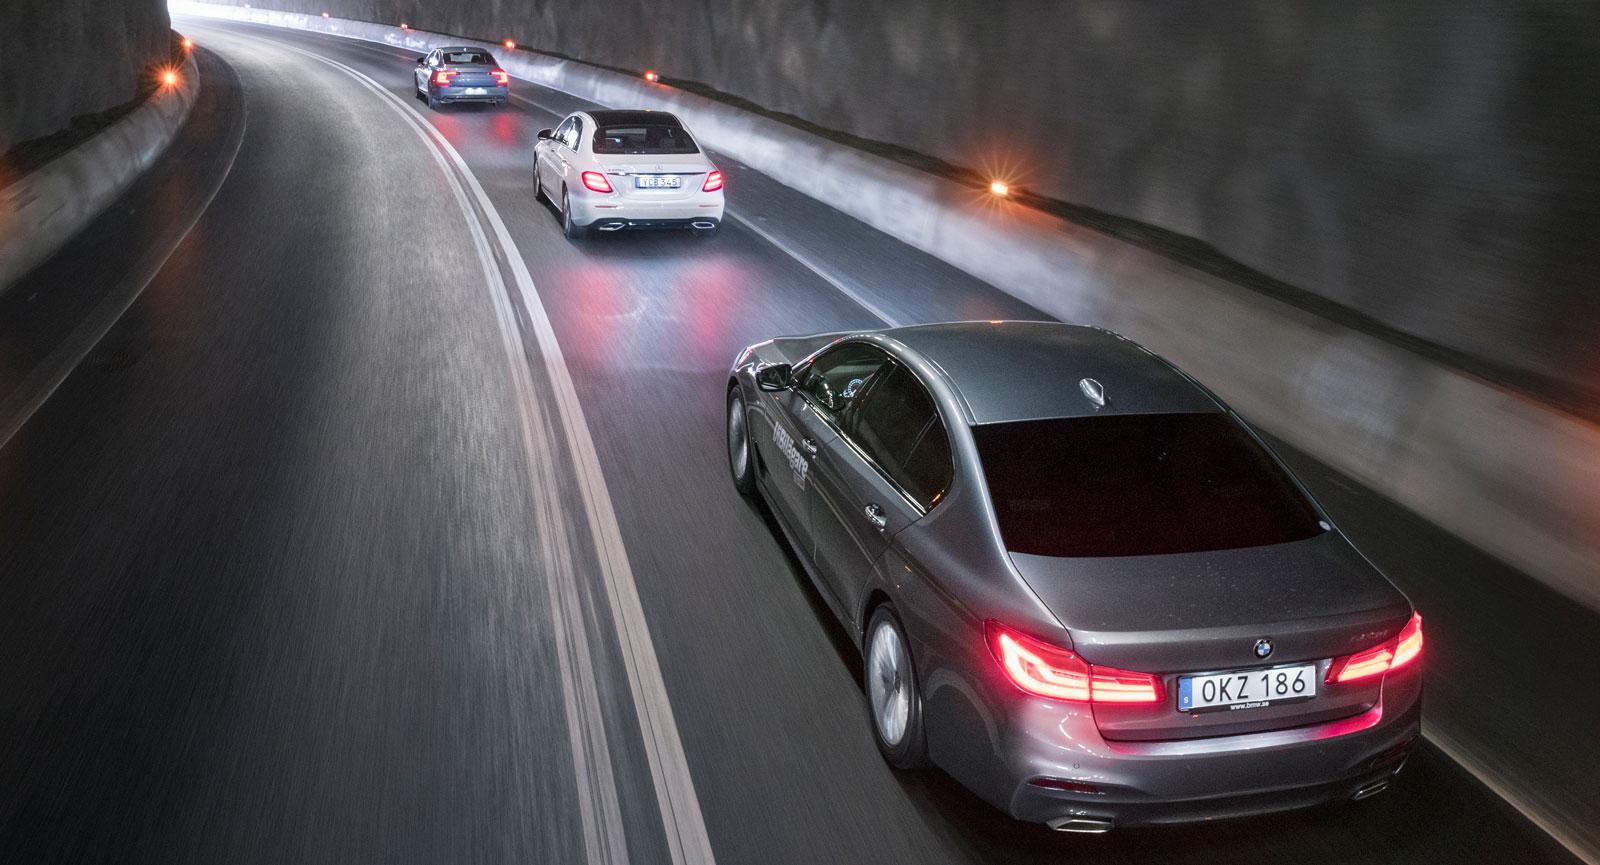 Nya BMW 5-serien på väg mot ljuset i tunneln. Men har den vad som krävs för att bli klassens nya ledstjärna?